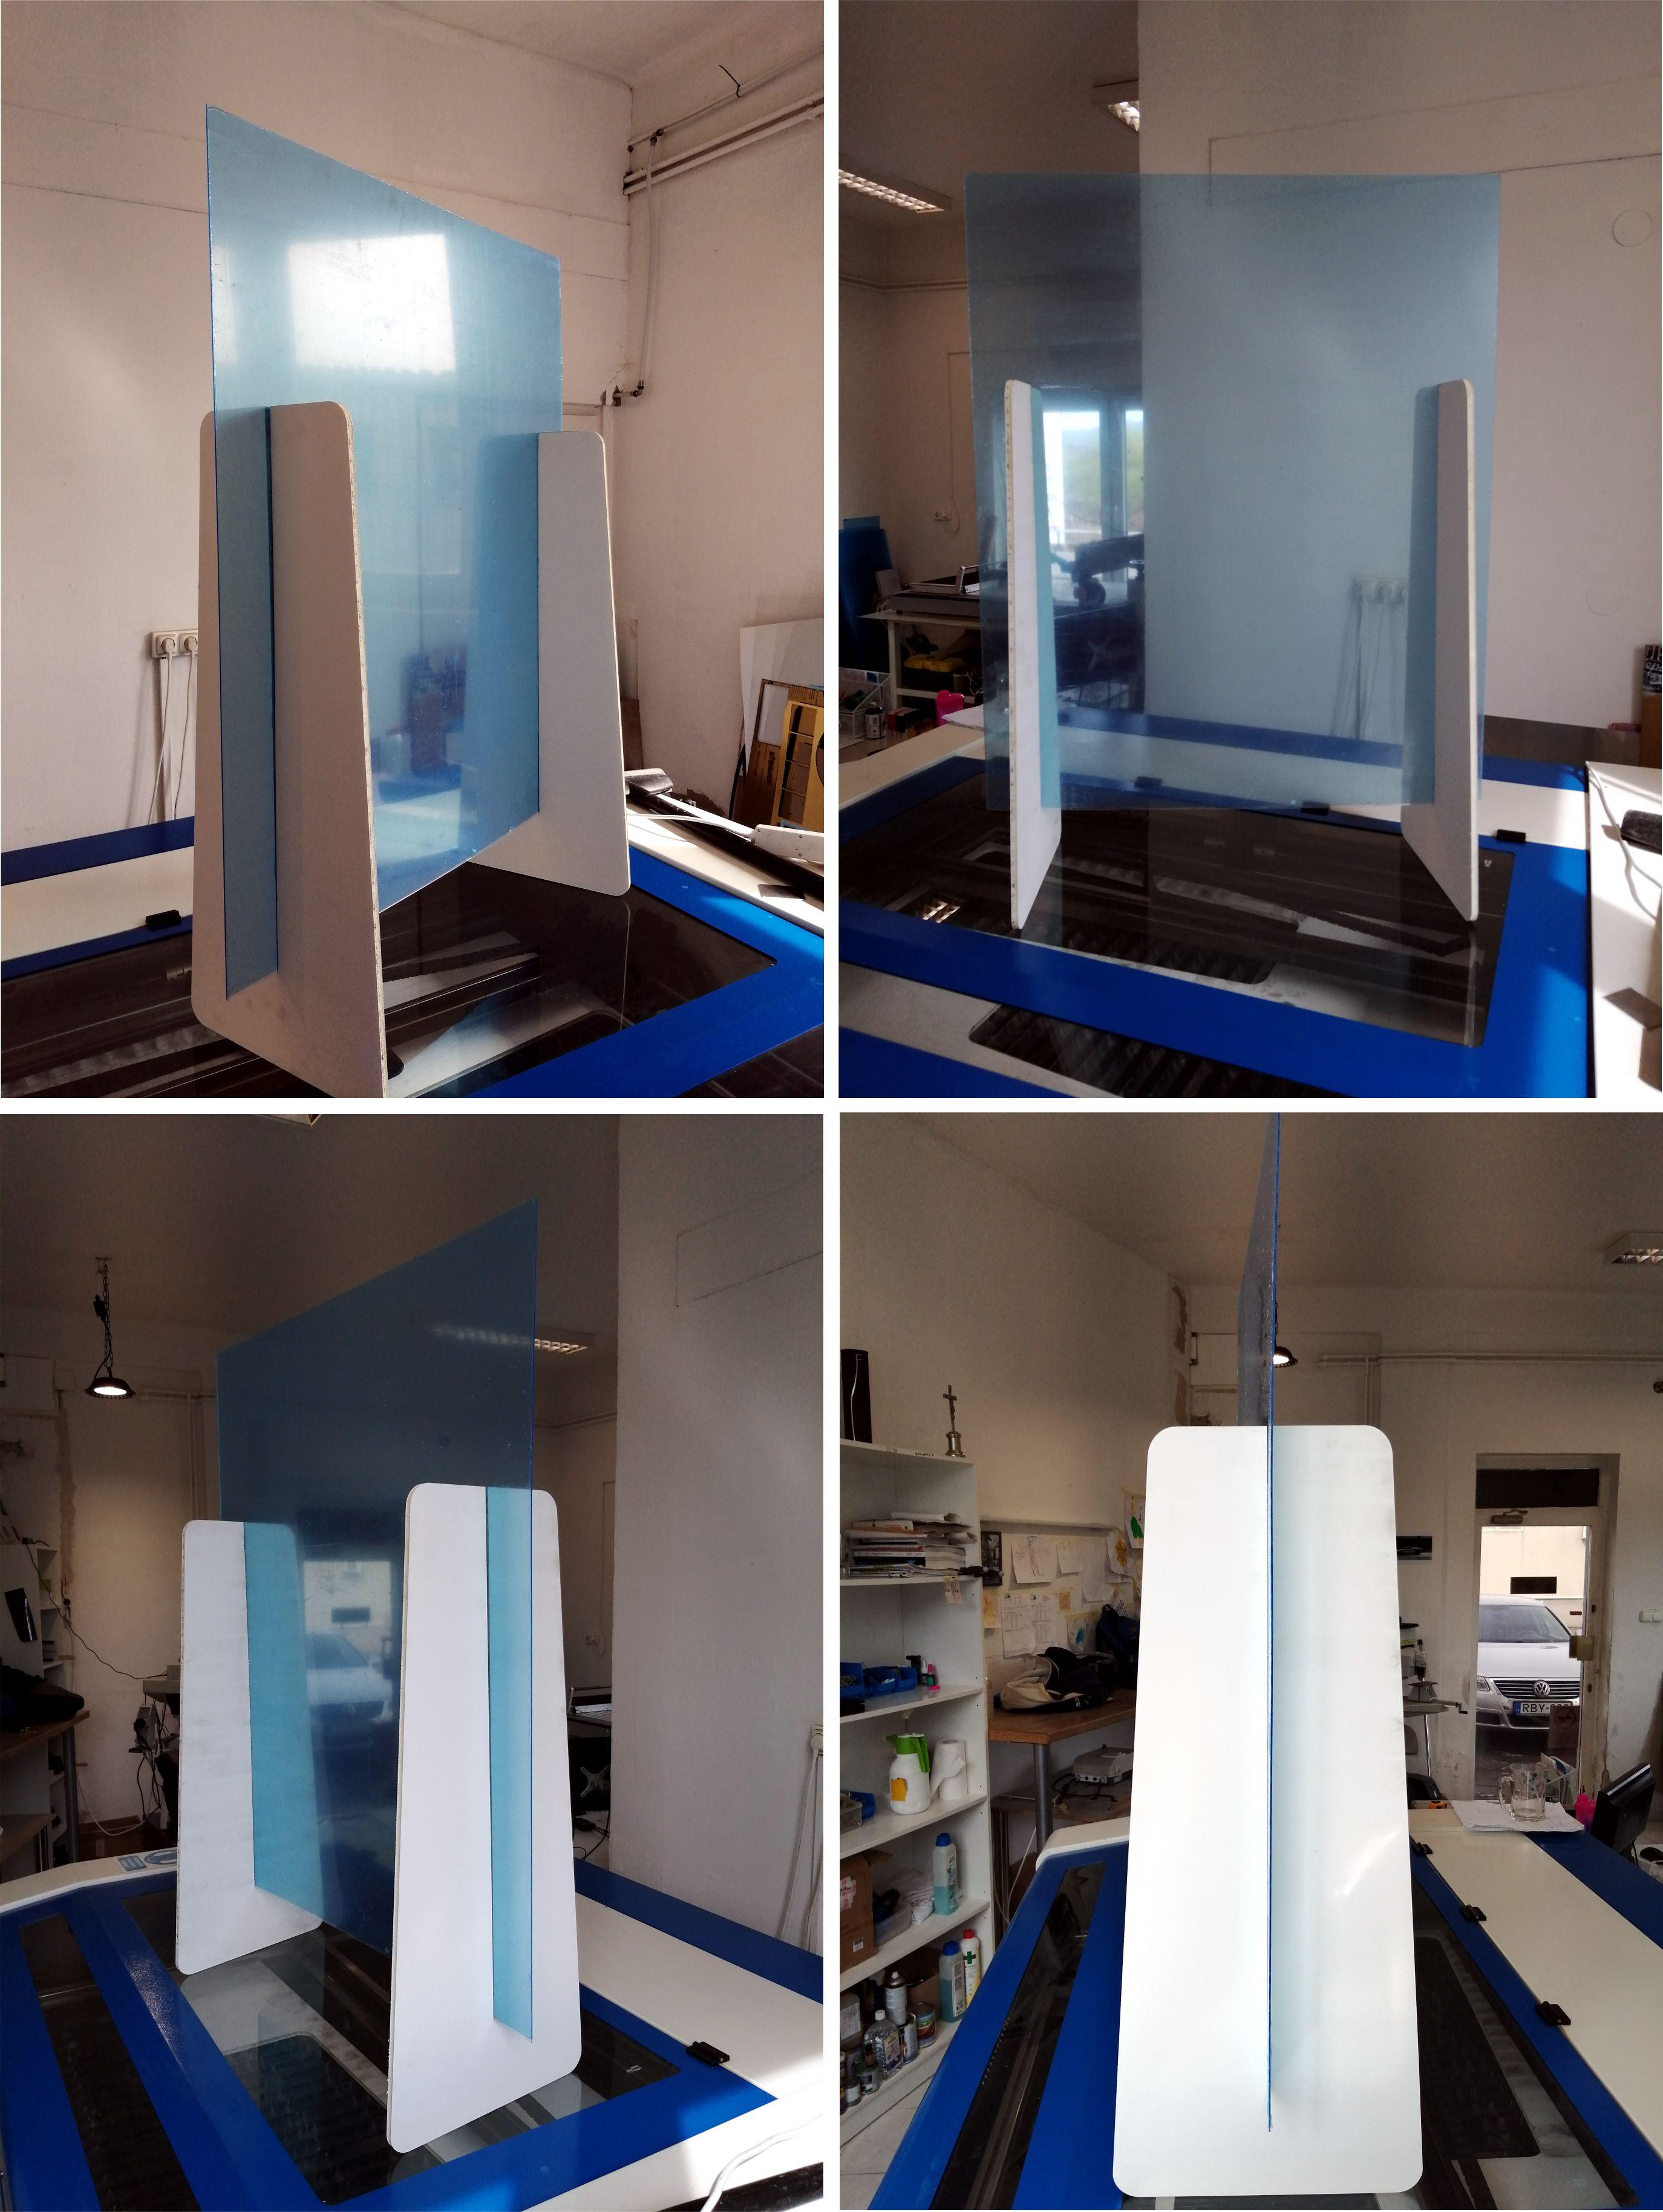 Lábon álló plexi fal. Itt még rajta van a kék védőfólia, amúgy teljesen átlátszó. Alul nyílással.